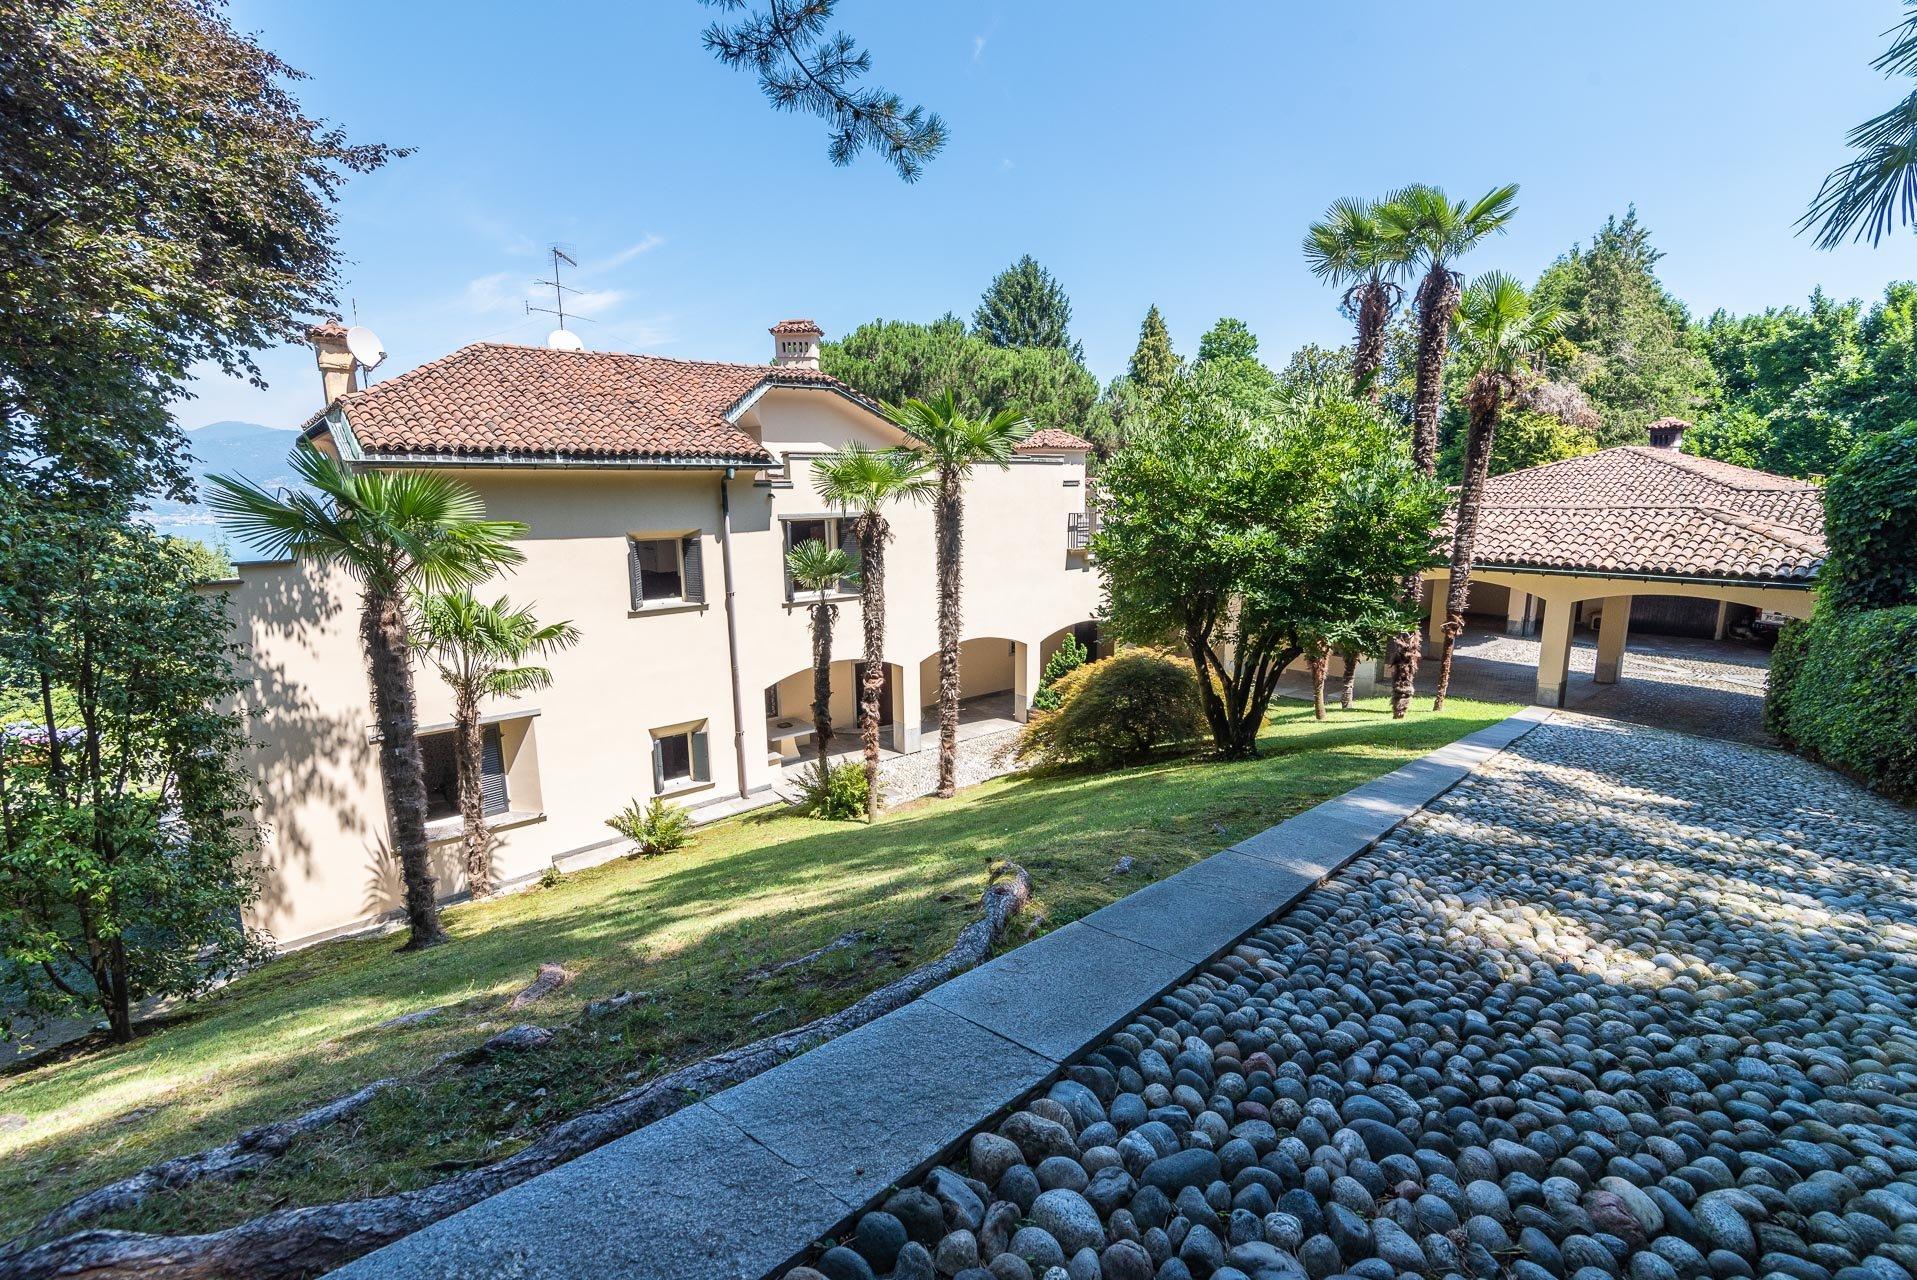 Elegant lake view villa for sale in Stresa -entrance